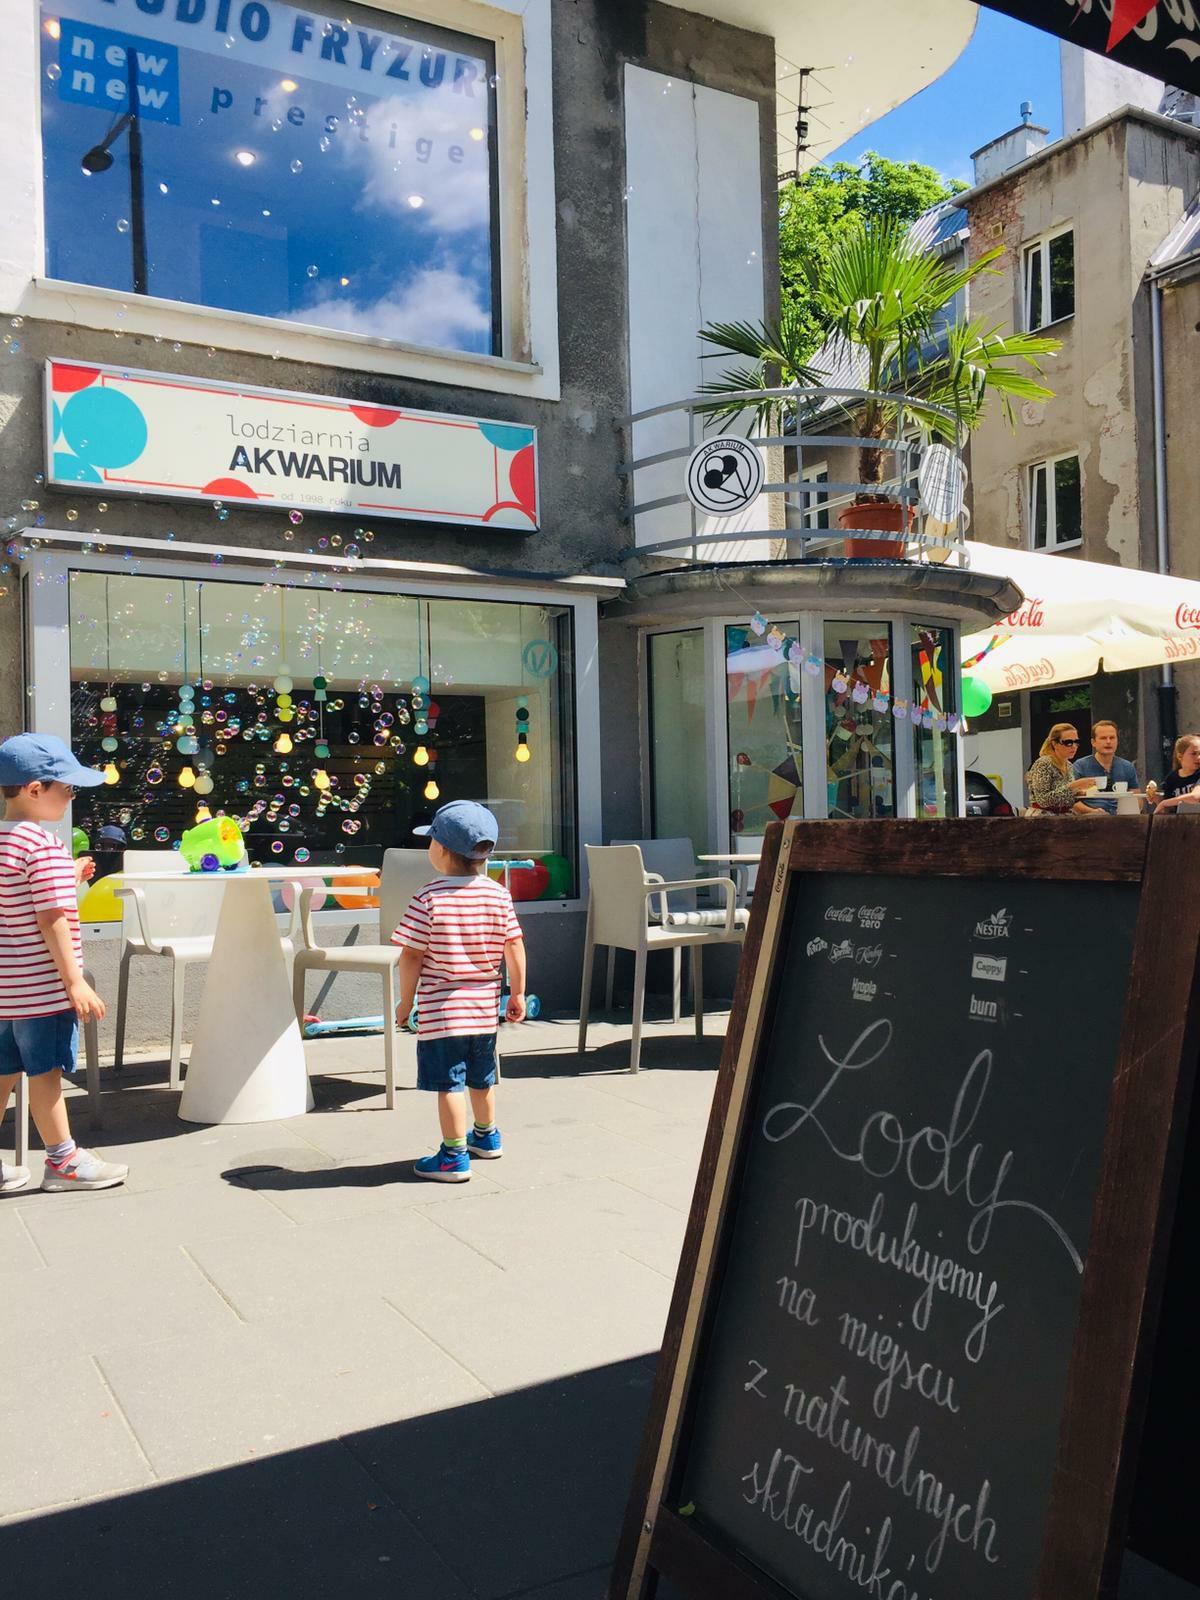 Gałka lodów gratis na Dzień Dziecka @ Lodziarnia Akwarium (Warszawa)